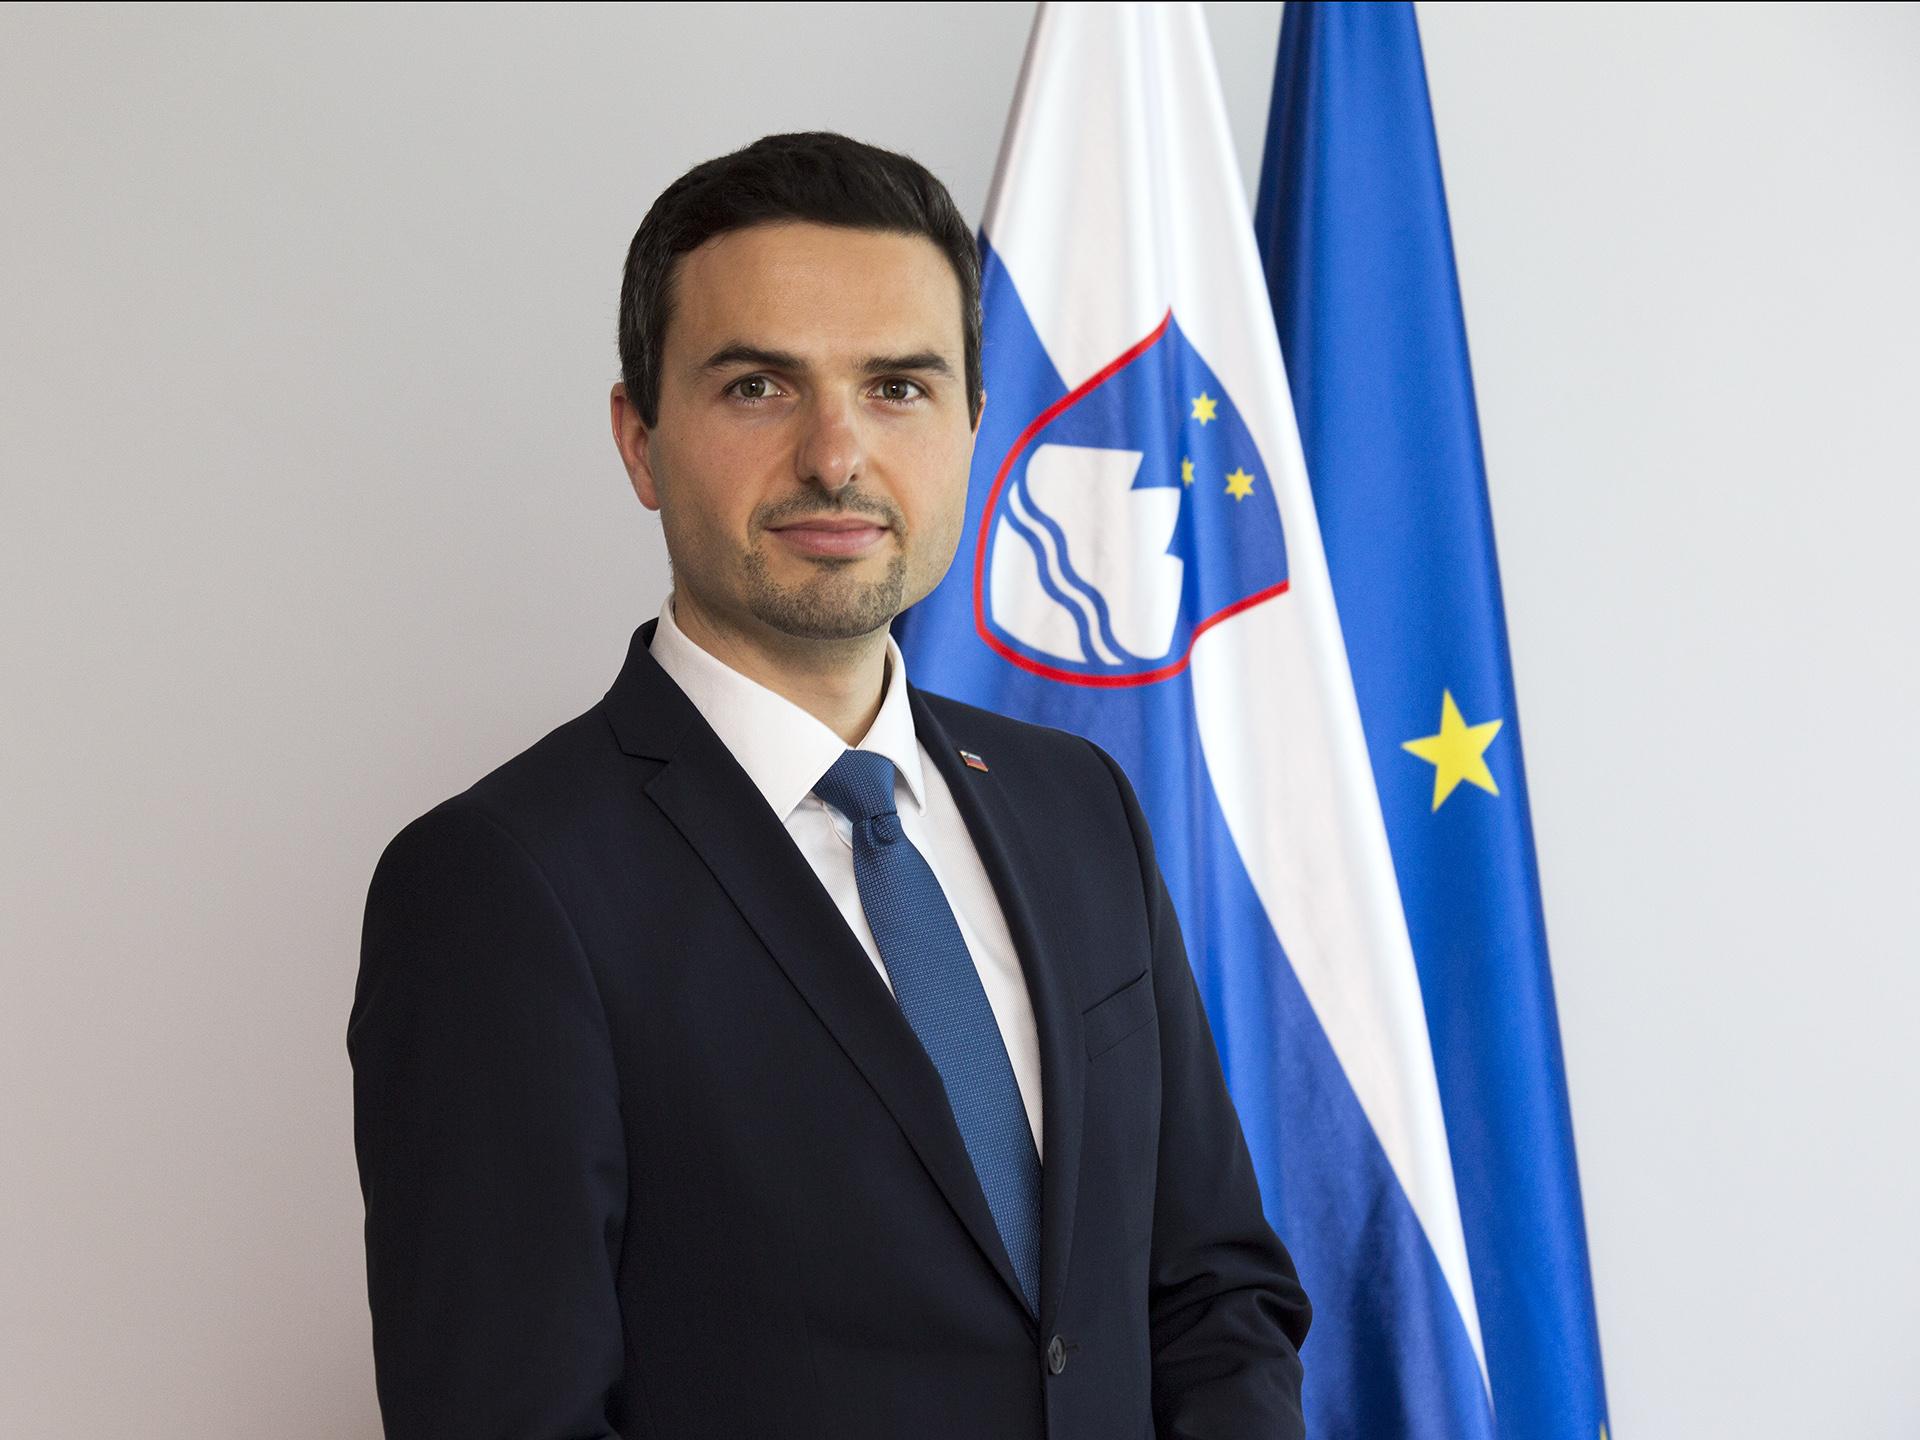 Σλοβενία: Ο Υπουργός Tonin είχε αρκετές συναντήσεις στην Κωνσταντινούπολη